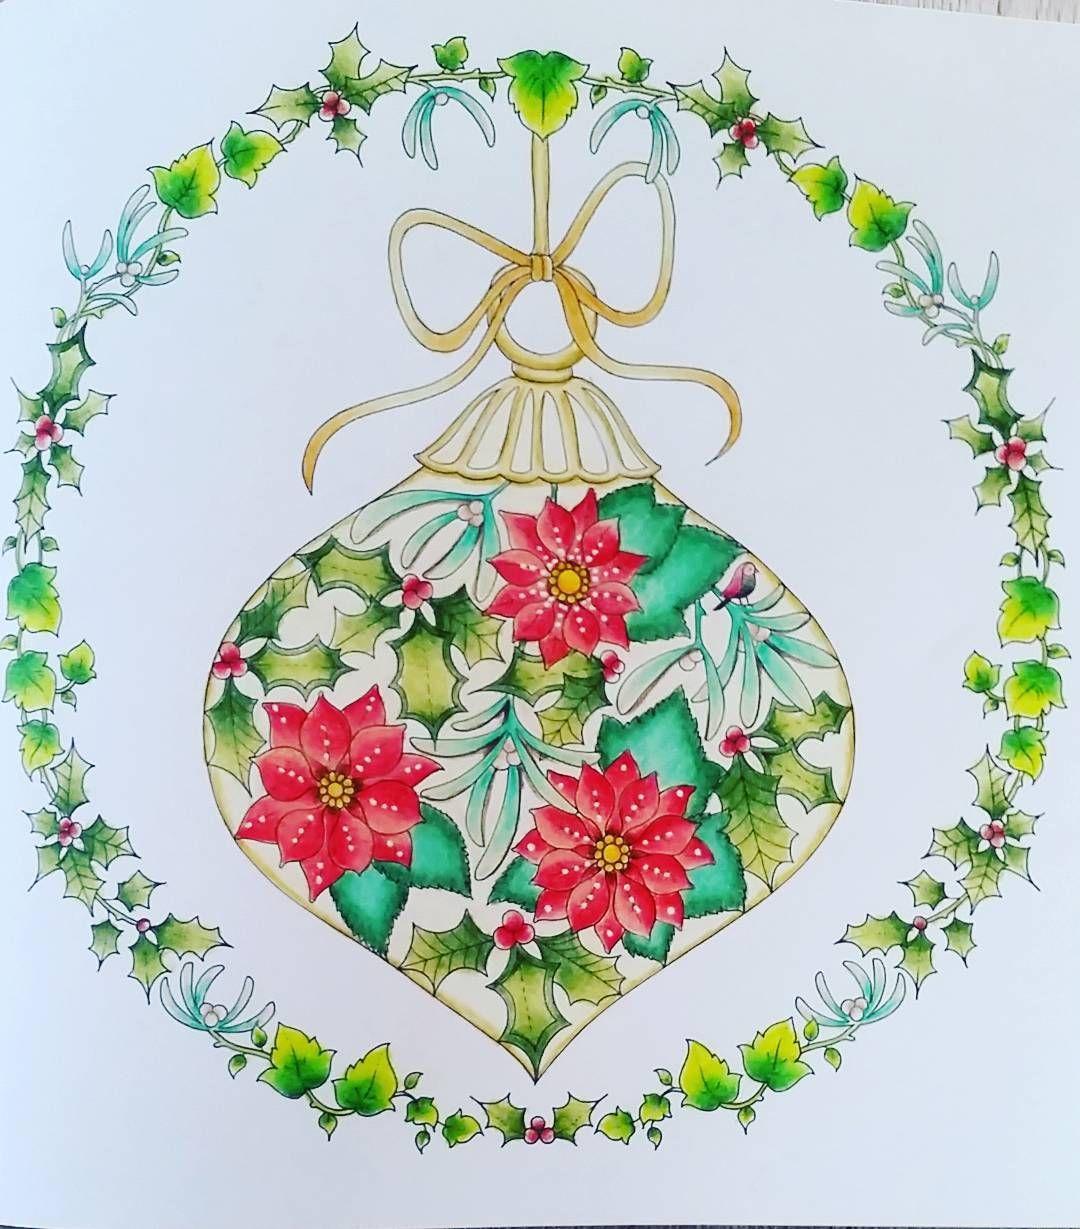 Johanna Basford's Christmas - Christmas Ornament | Johanna ...